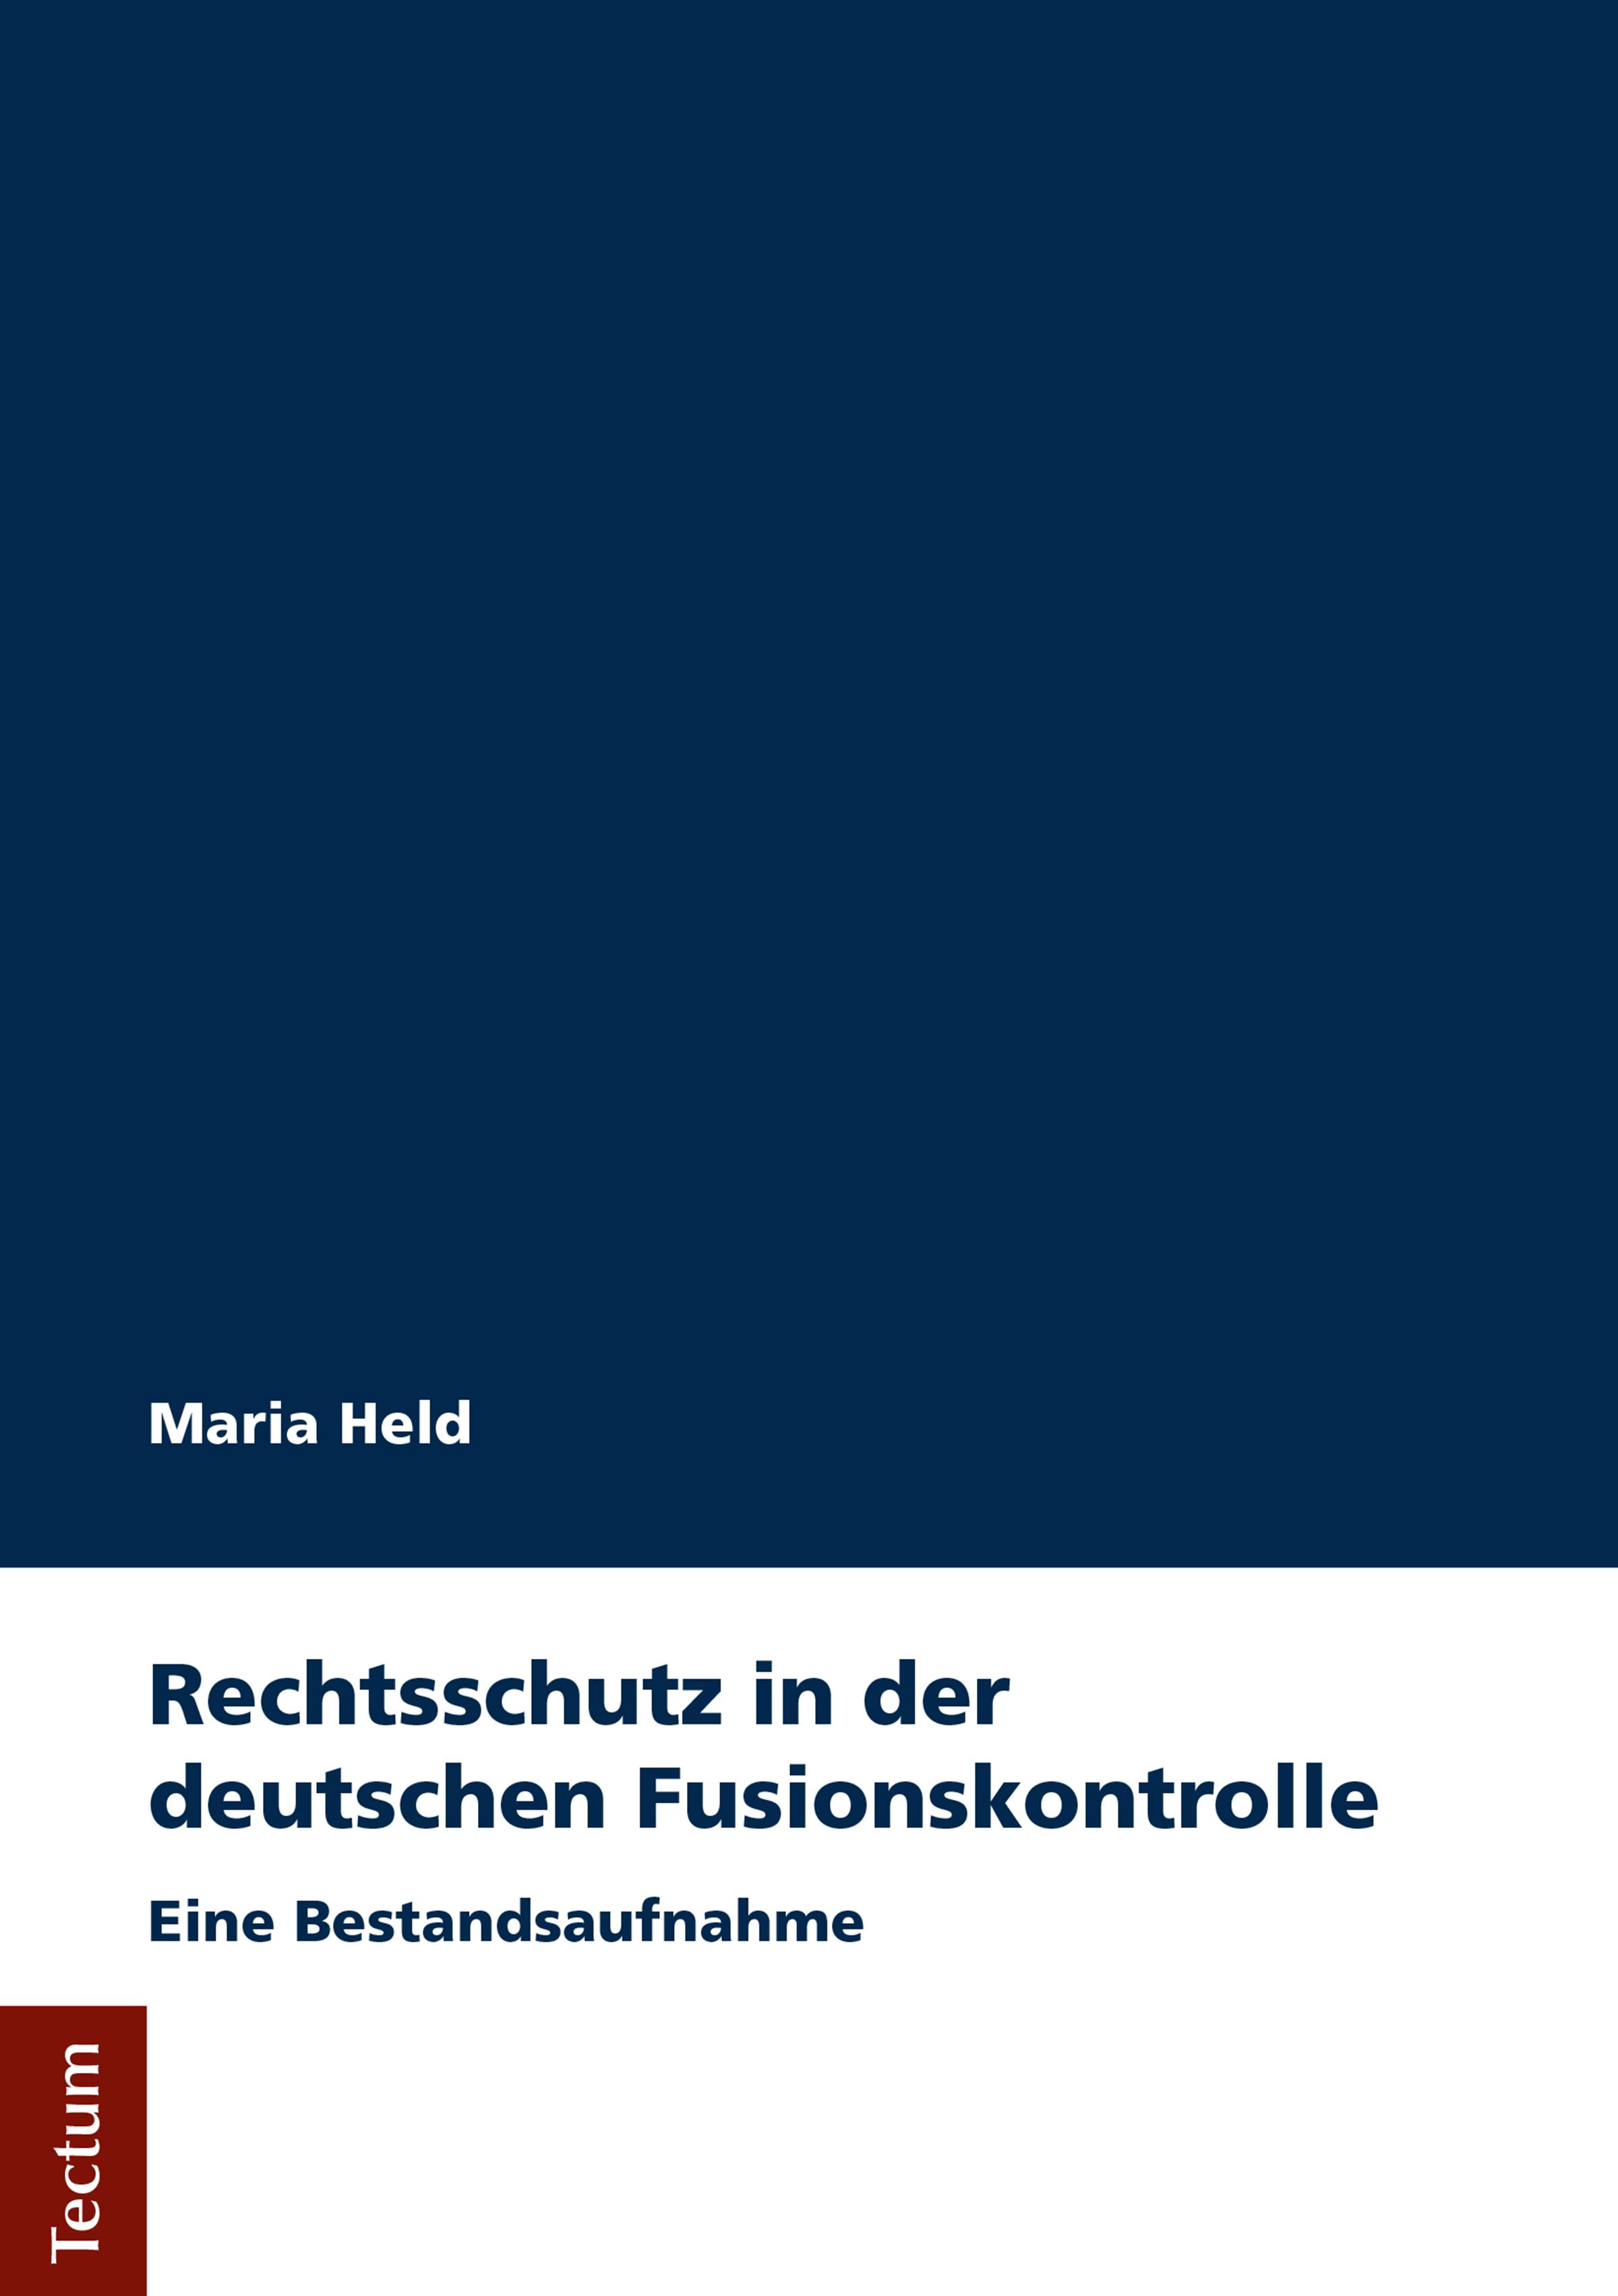 Maria Held Rechtsschutz in der deutschen Fusionskontrolle heinz wetzel damals in drei deutschen ländern